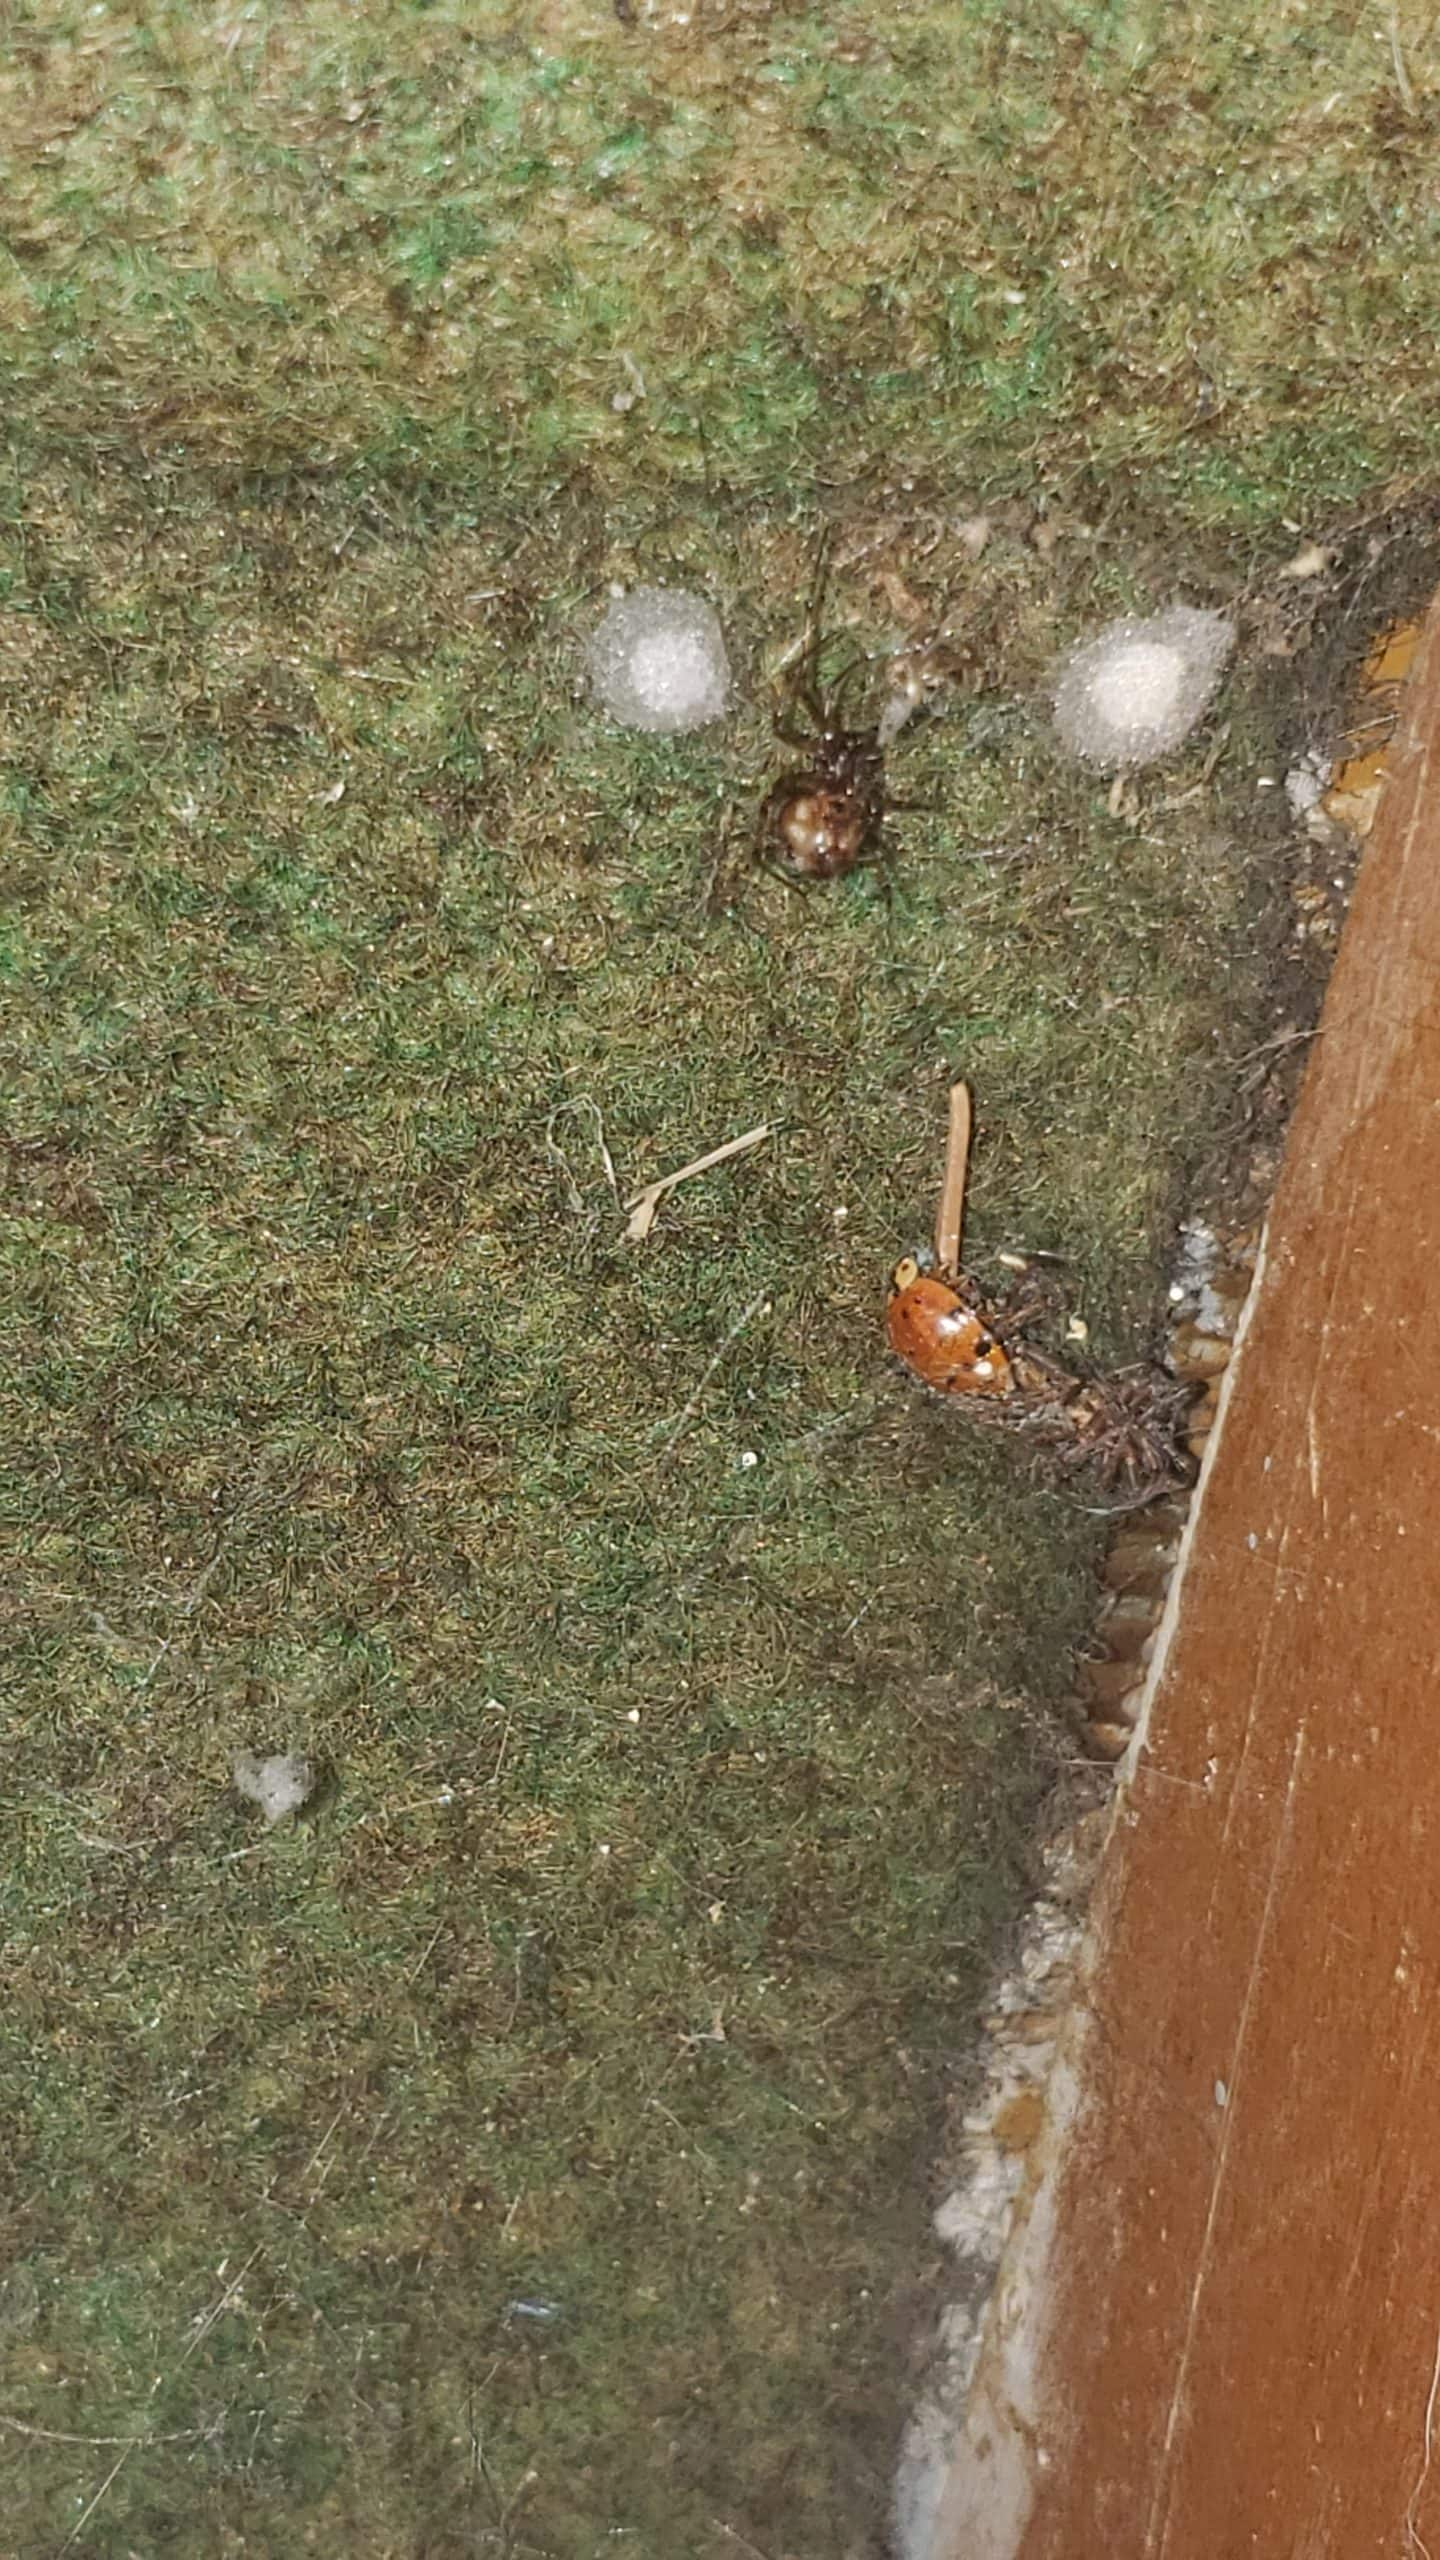 Picture of Steatoda triangulosa (Triangulate Cobweb Spider) - Female - Egg sacs